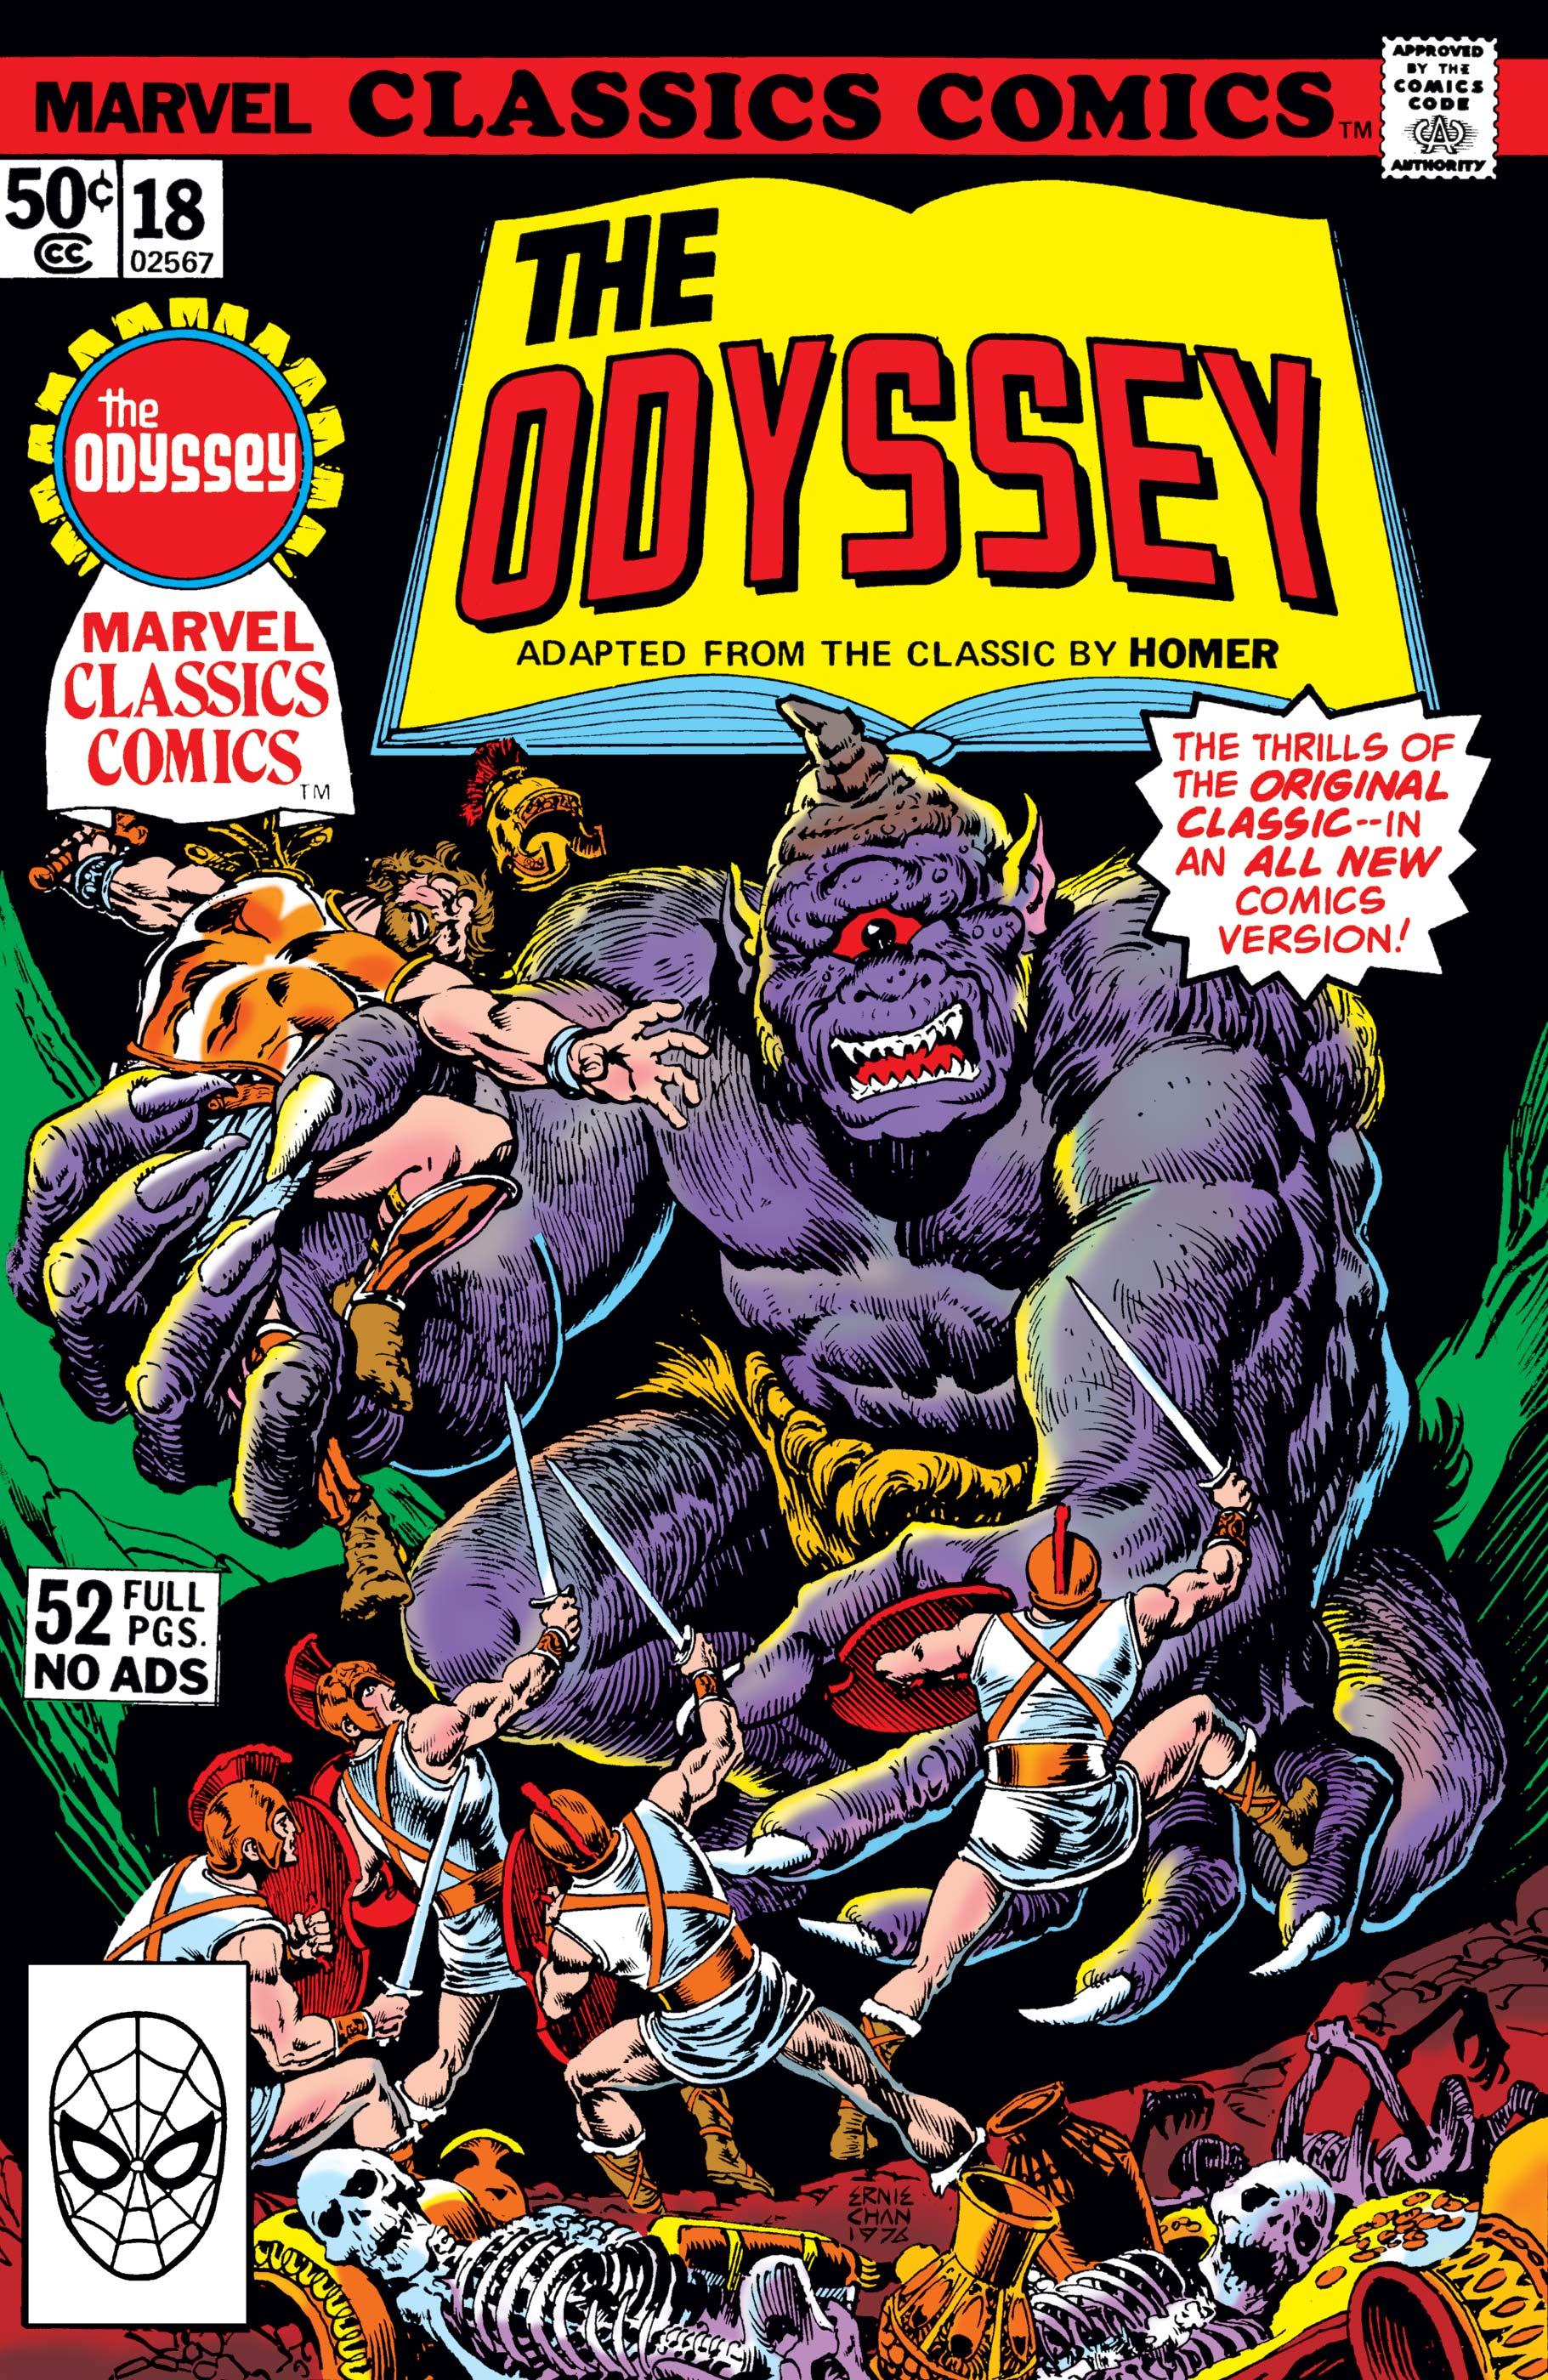 Marvel Classics Comics Series Featuring (1976) #18